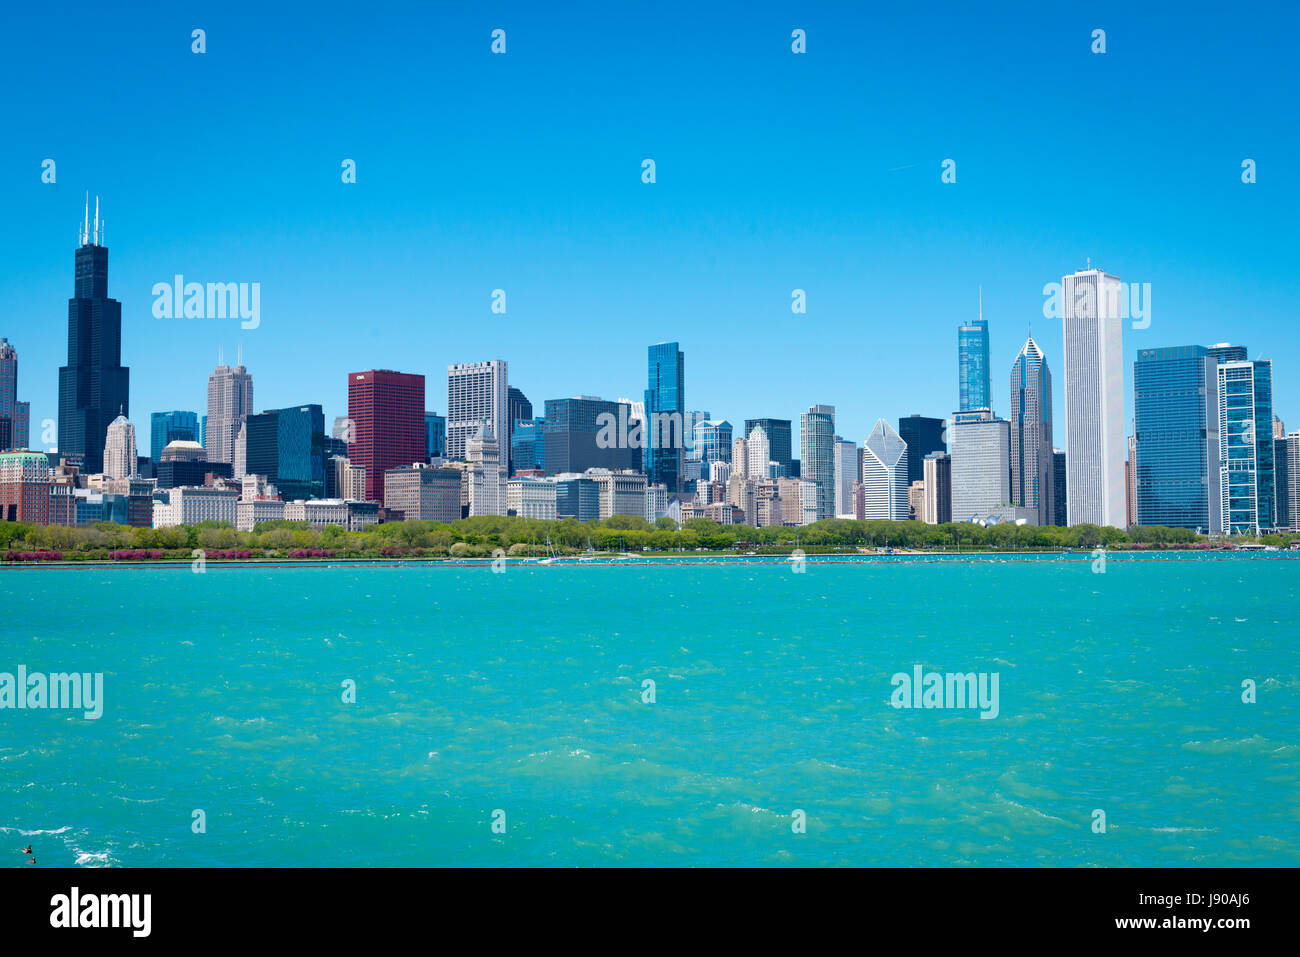 Chicago, Illinois, Cerca del Lado Sur Oriente Solidaridad Unidad view panorama ciudad rascacielos edificios altos Imagen De Stock